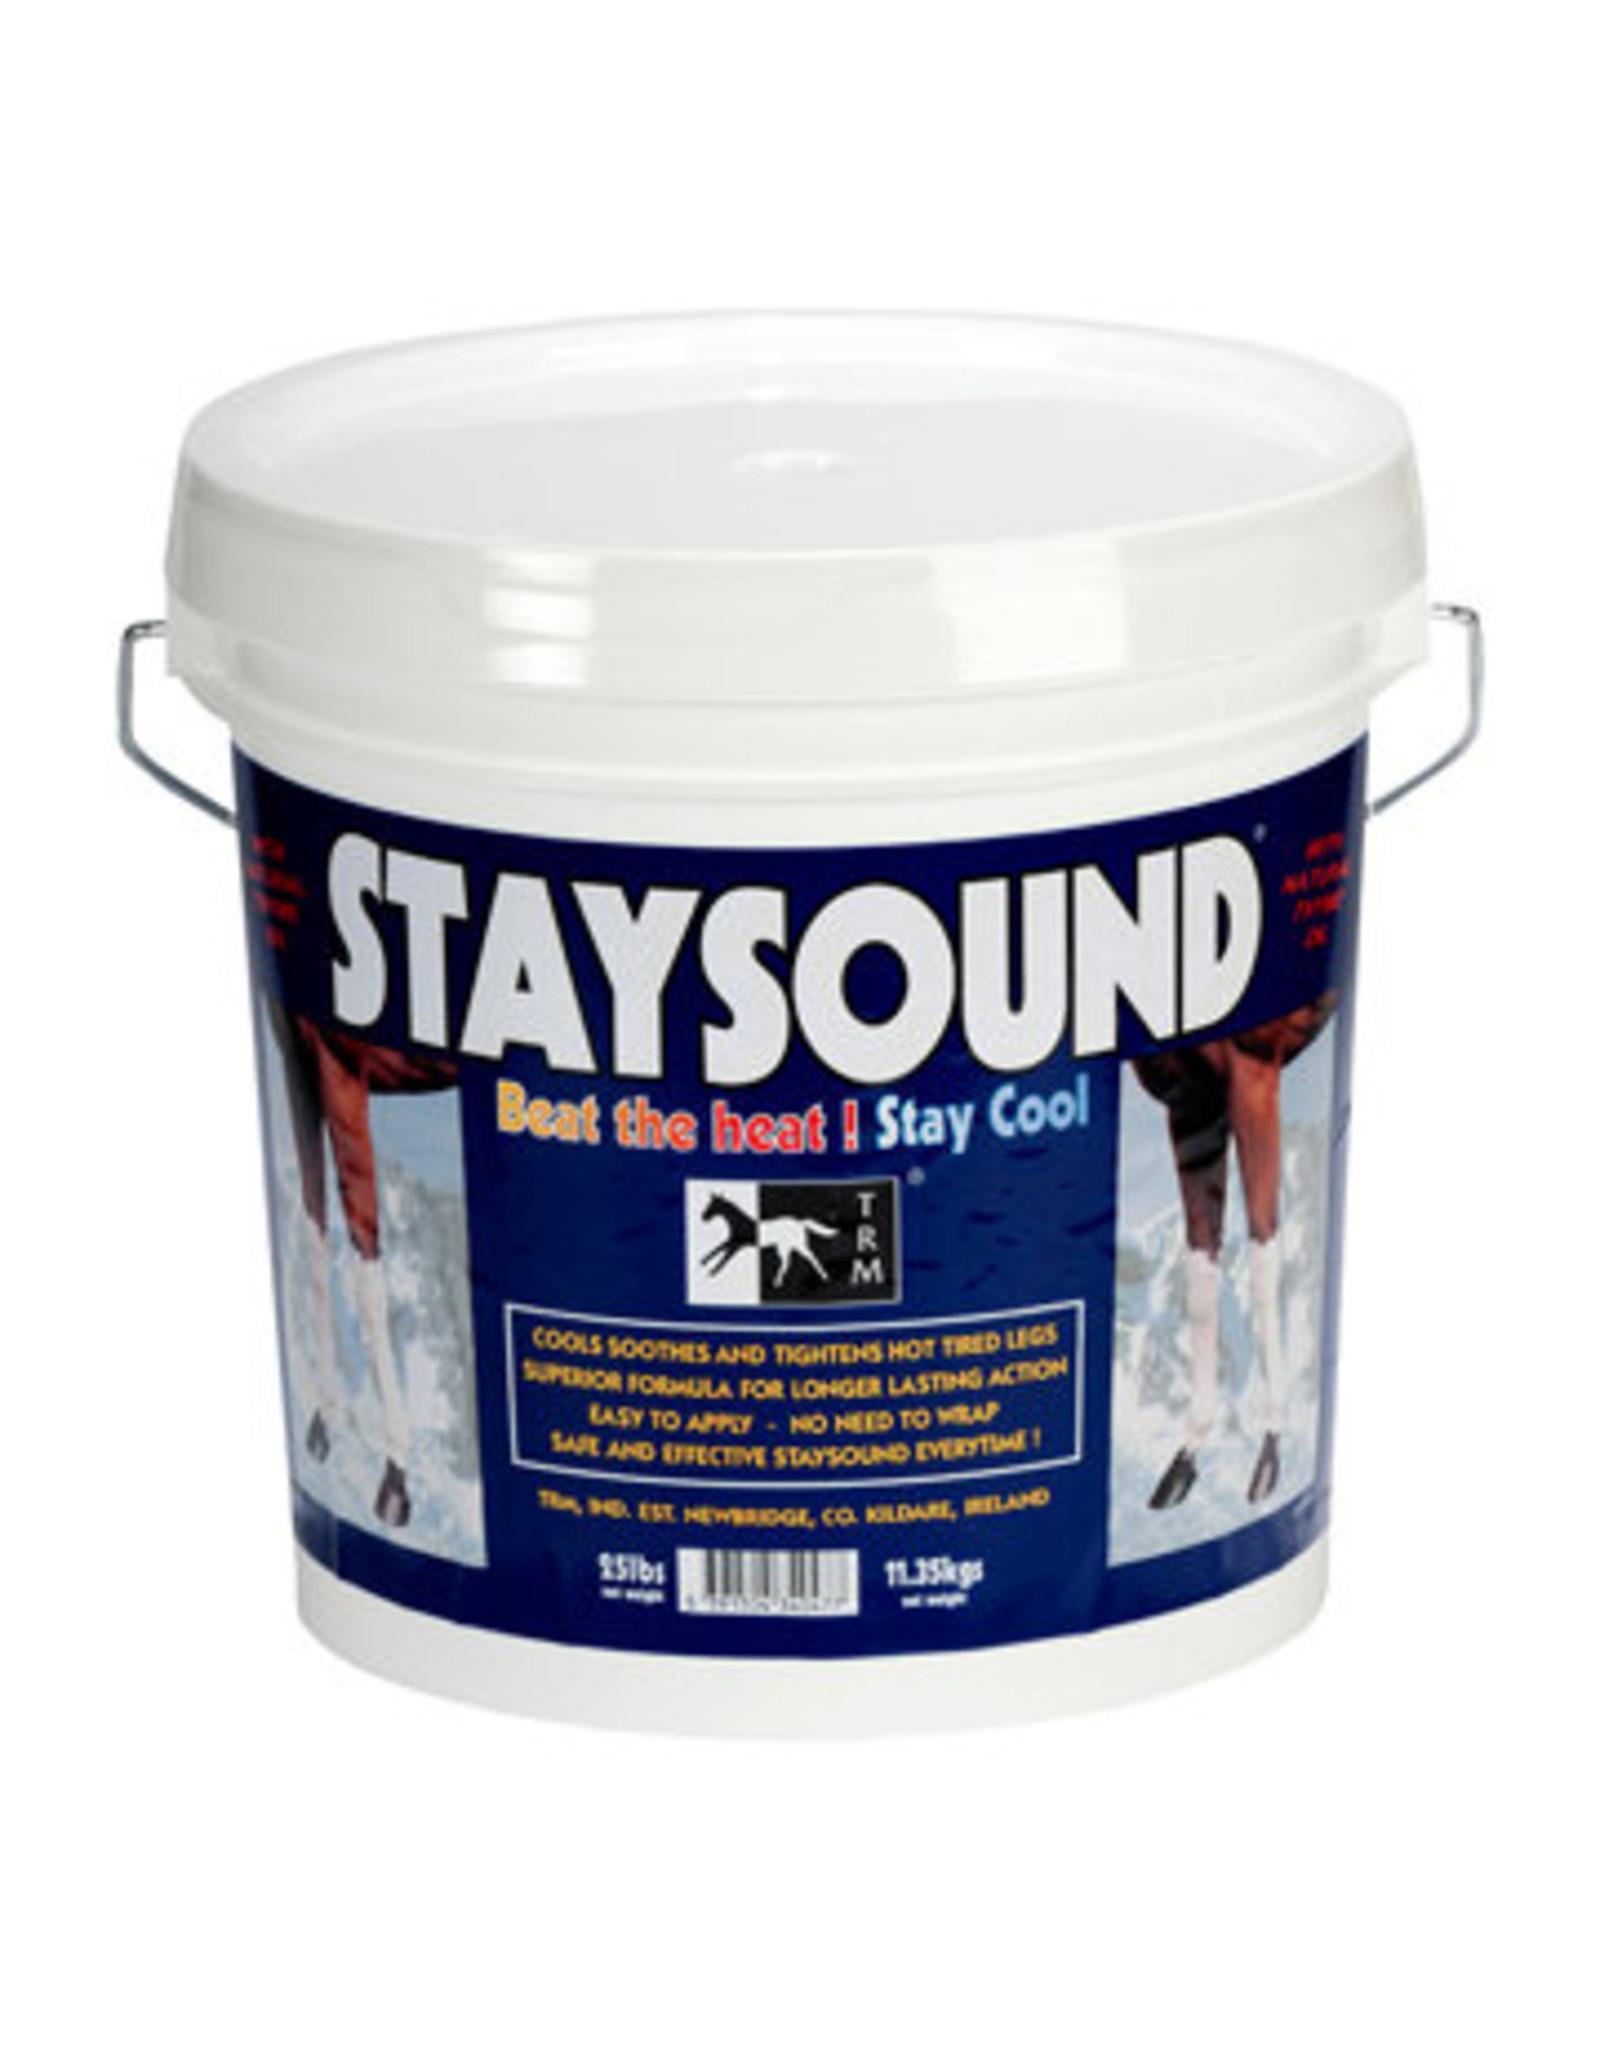 TRM Staysounc Clay 5kg